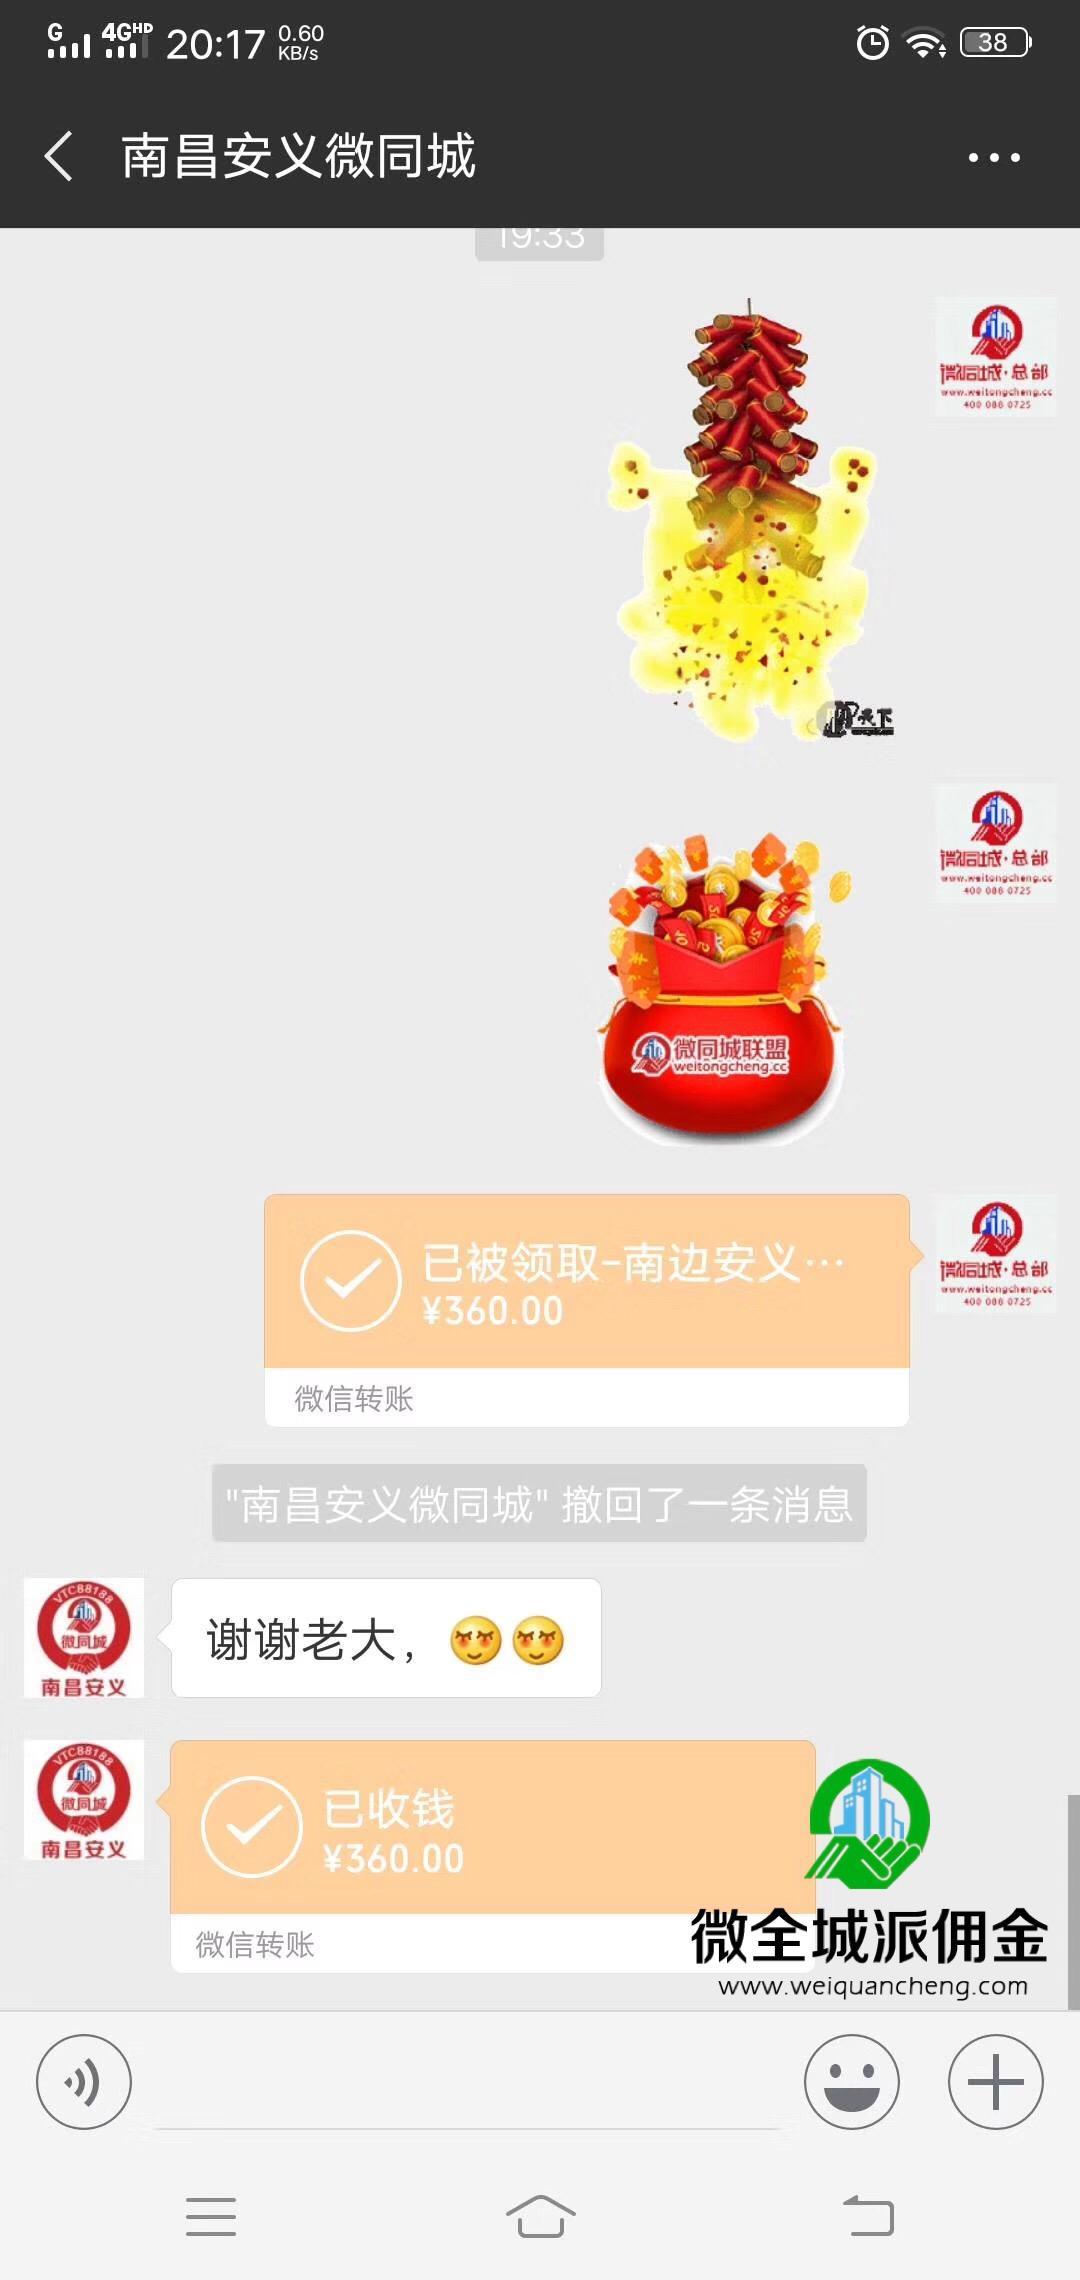 【赚360元】南昌安义微全城微帮广告佣金